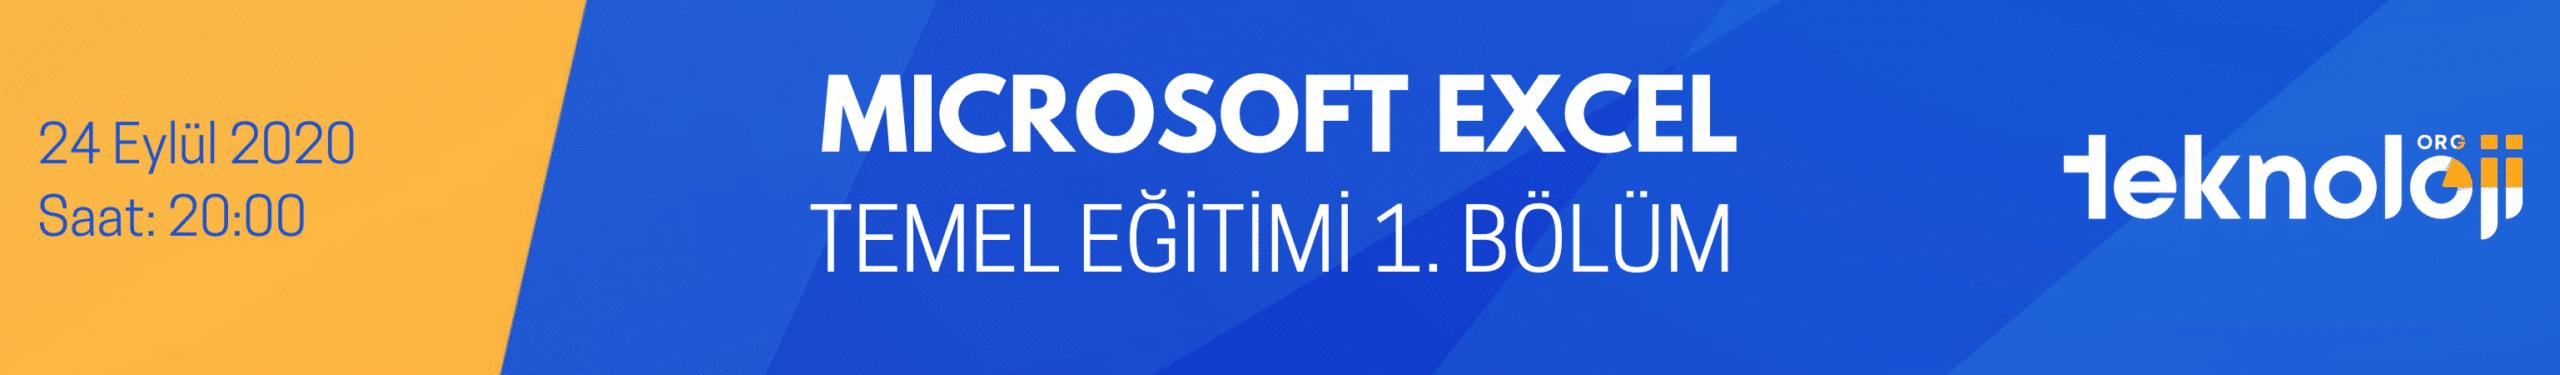 Microsoft Excel Temel Eğitimi 1. Bölüm